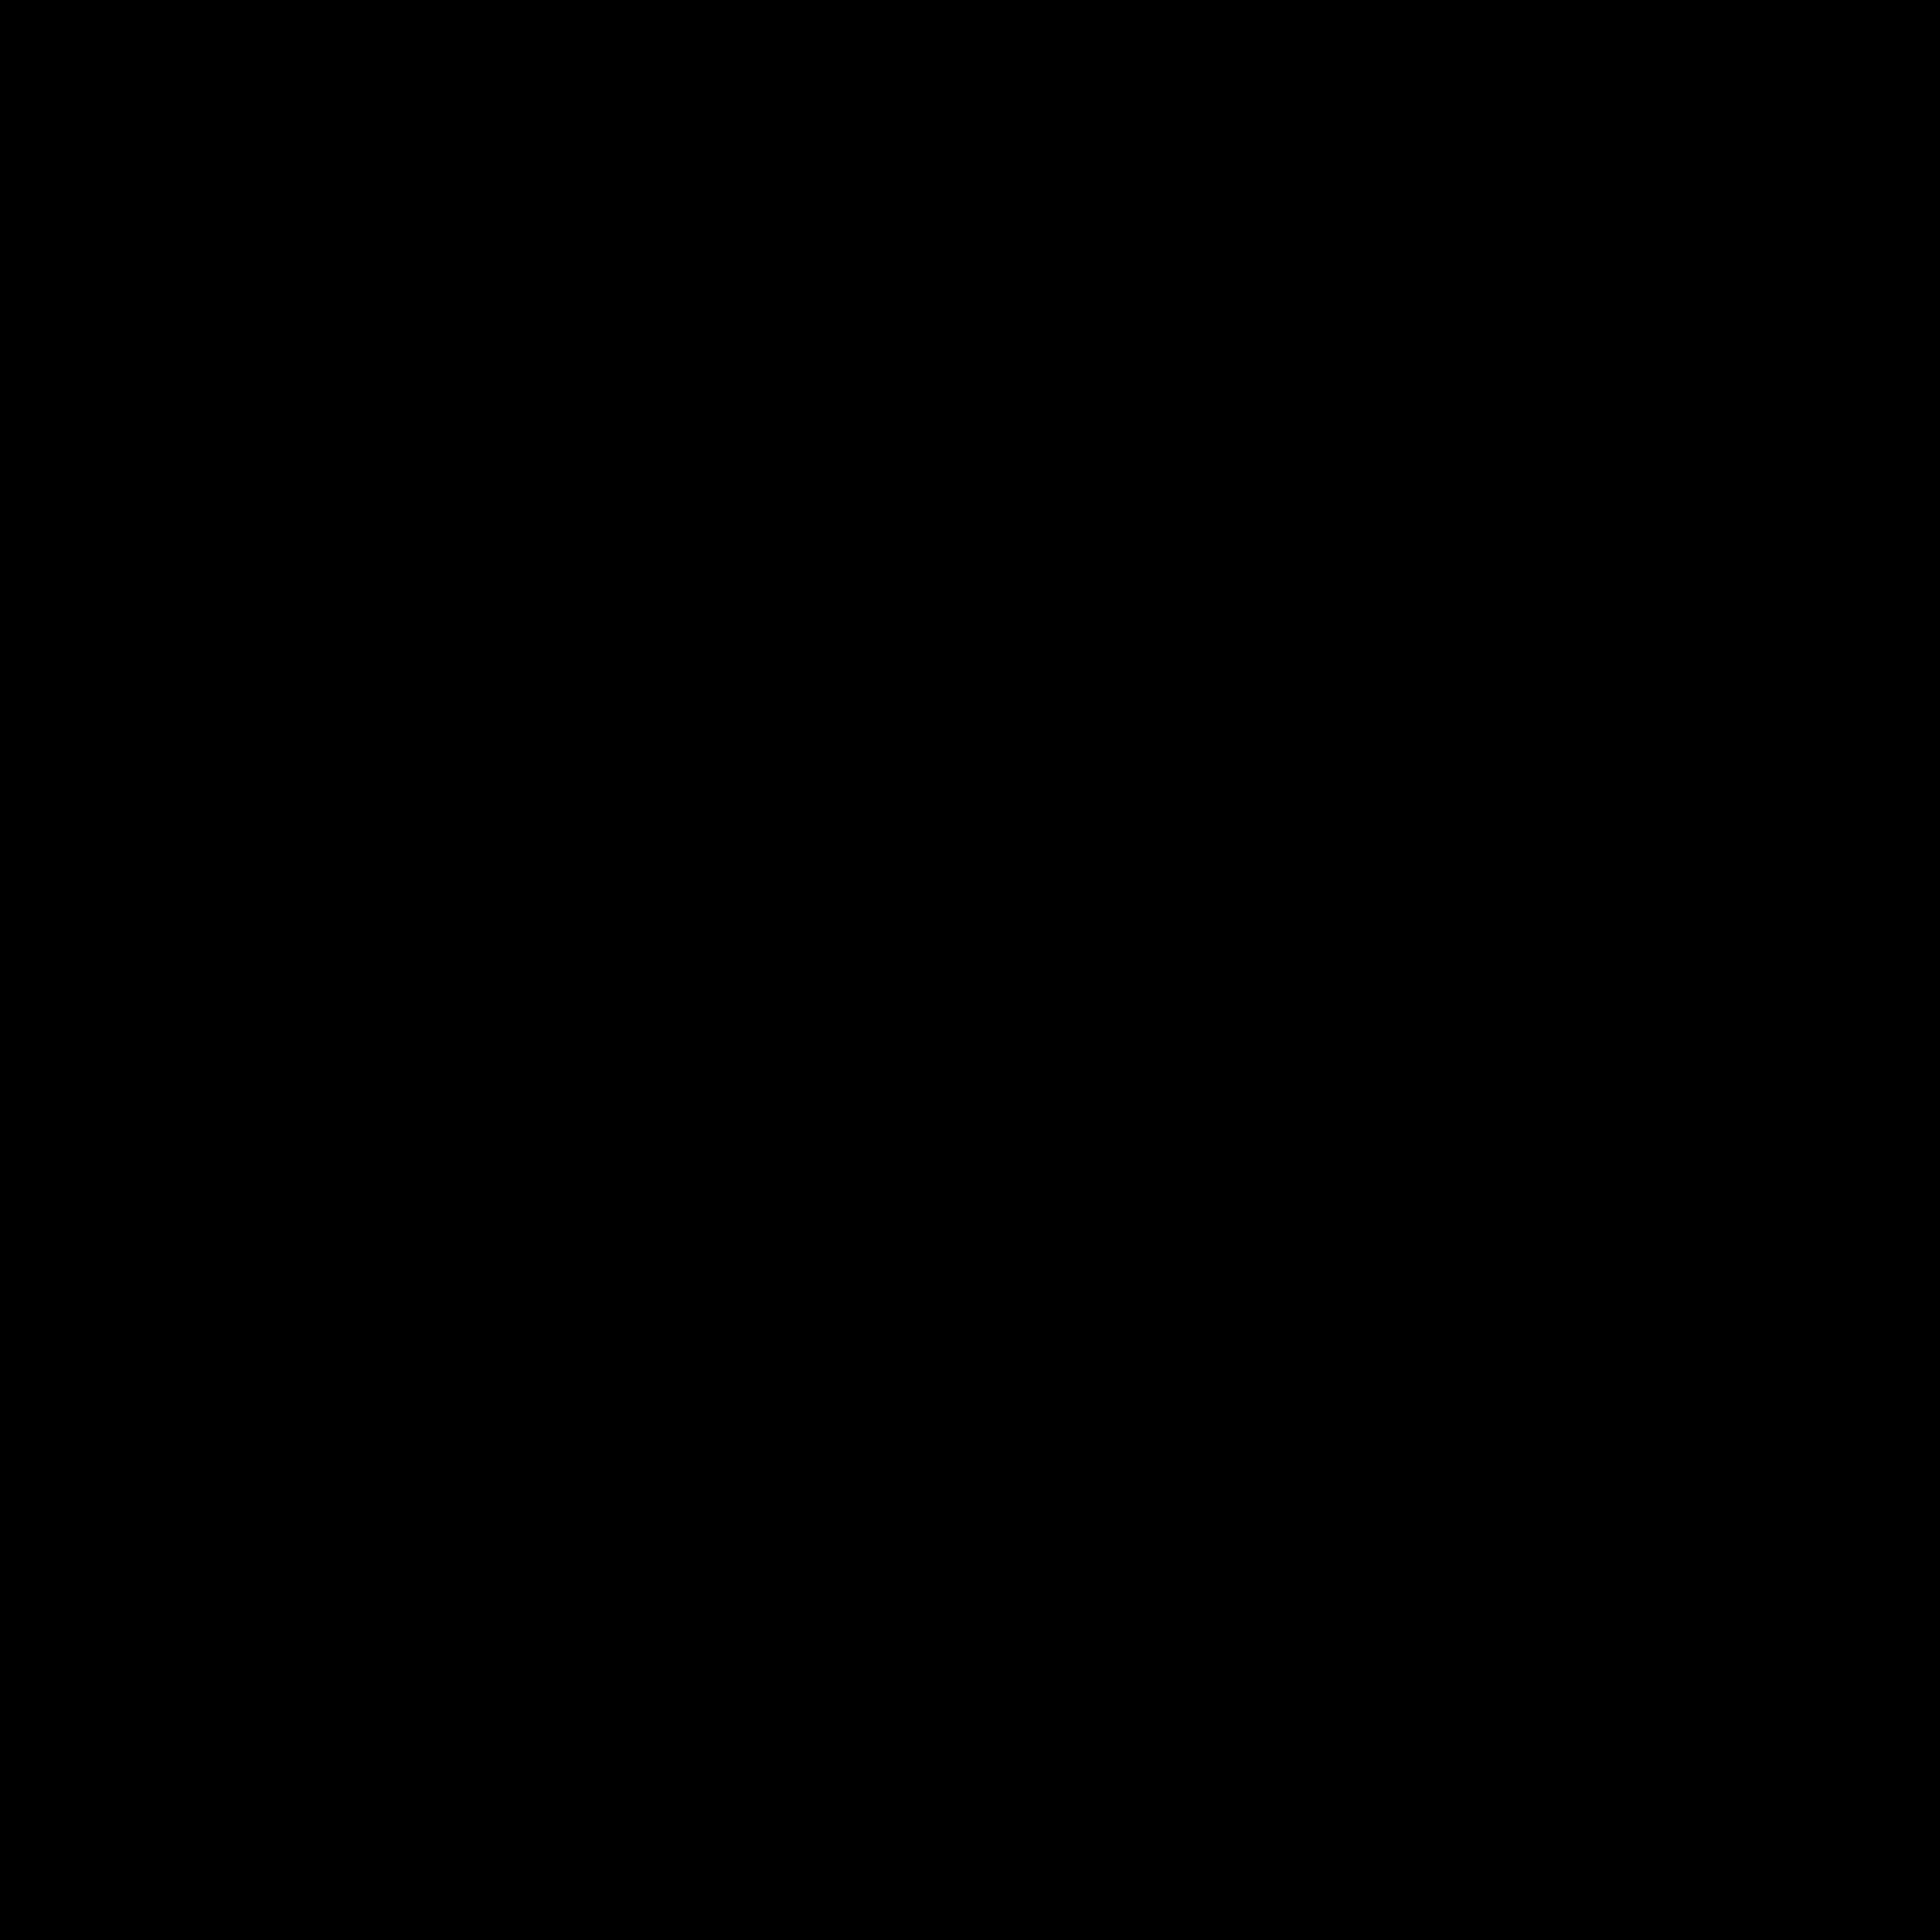 16zu9 VW Volkswagen T-Roc Thumbnail groß